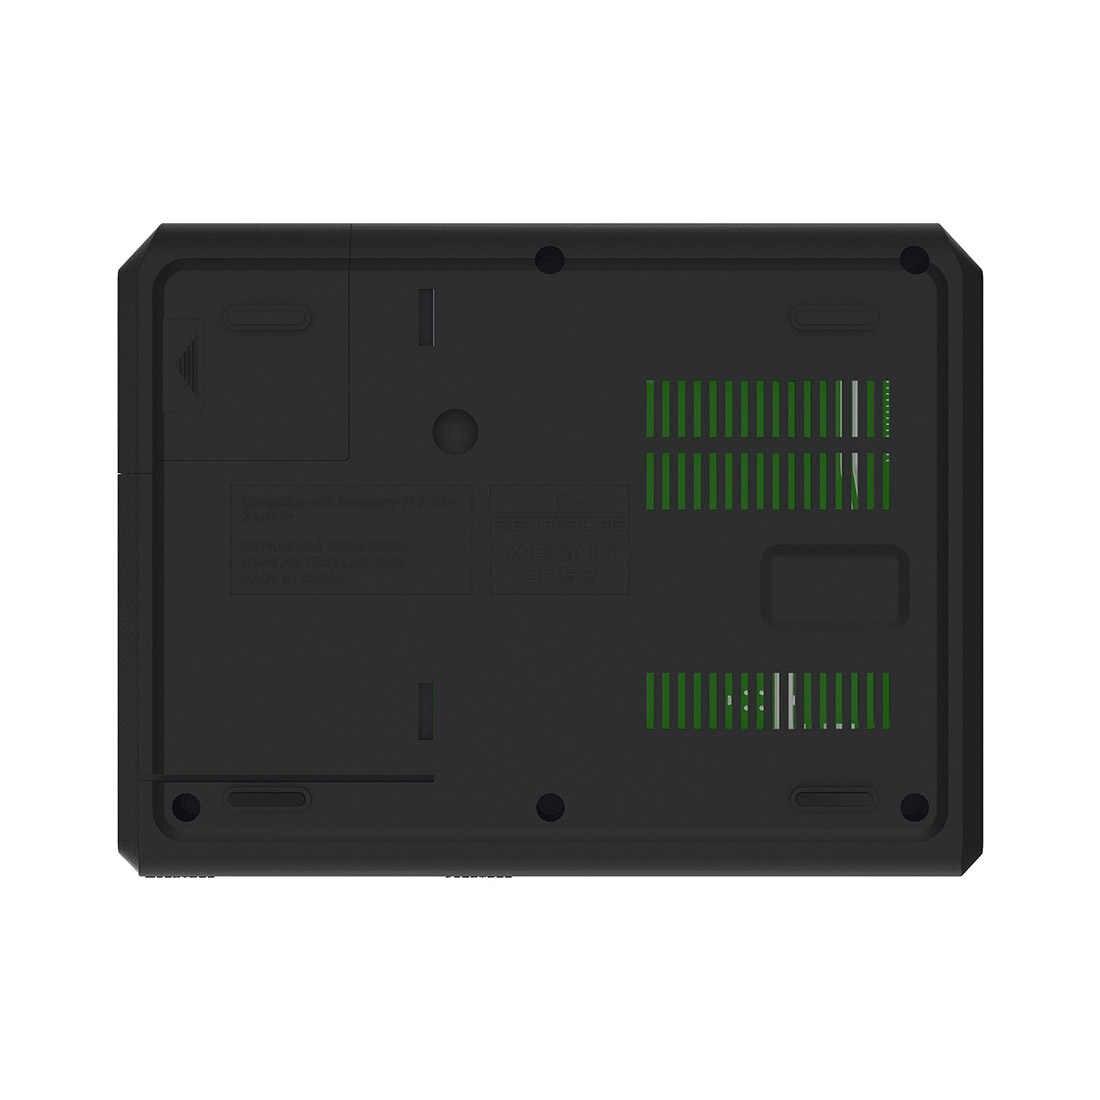 MODIKER Retroflag Classic Video Giochi Box Pulsante di Reset di Sicurezza di Arresto Megapi Caso per Raspberry Pi 3 B + B Più) programmabile Giocattoli